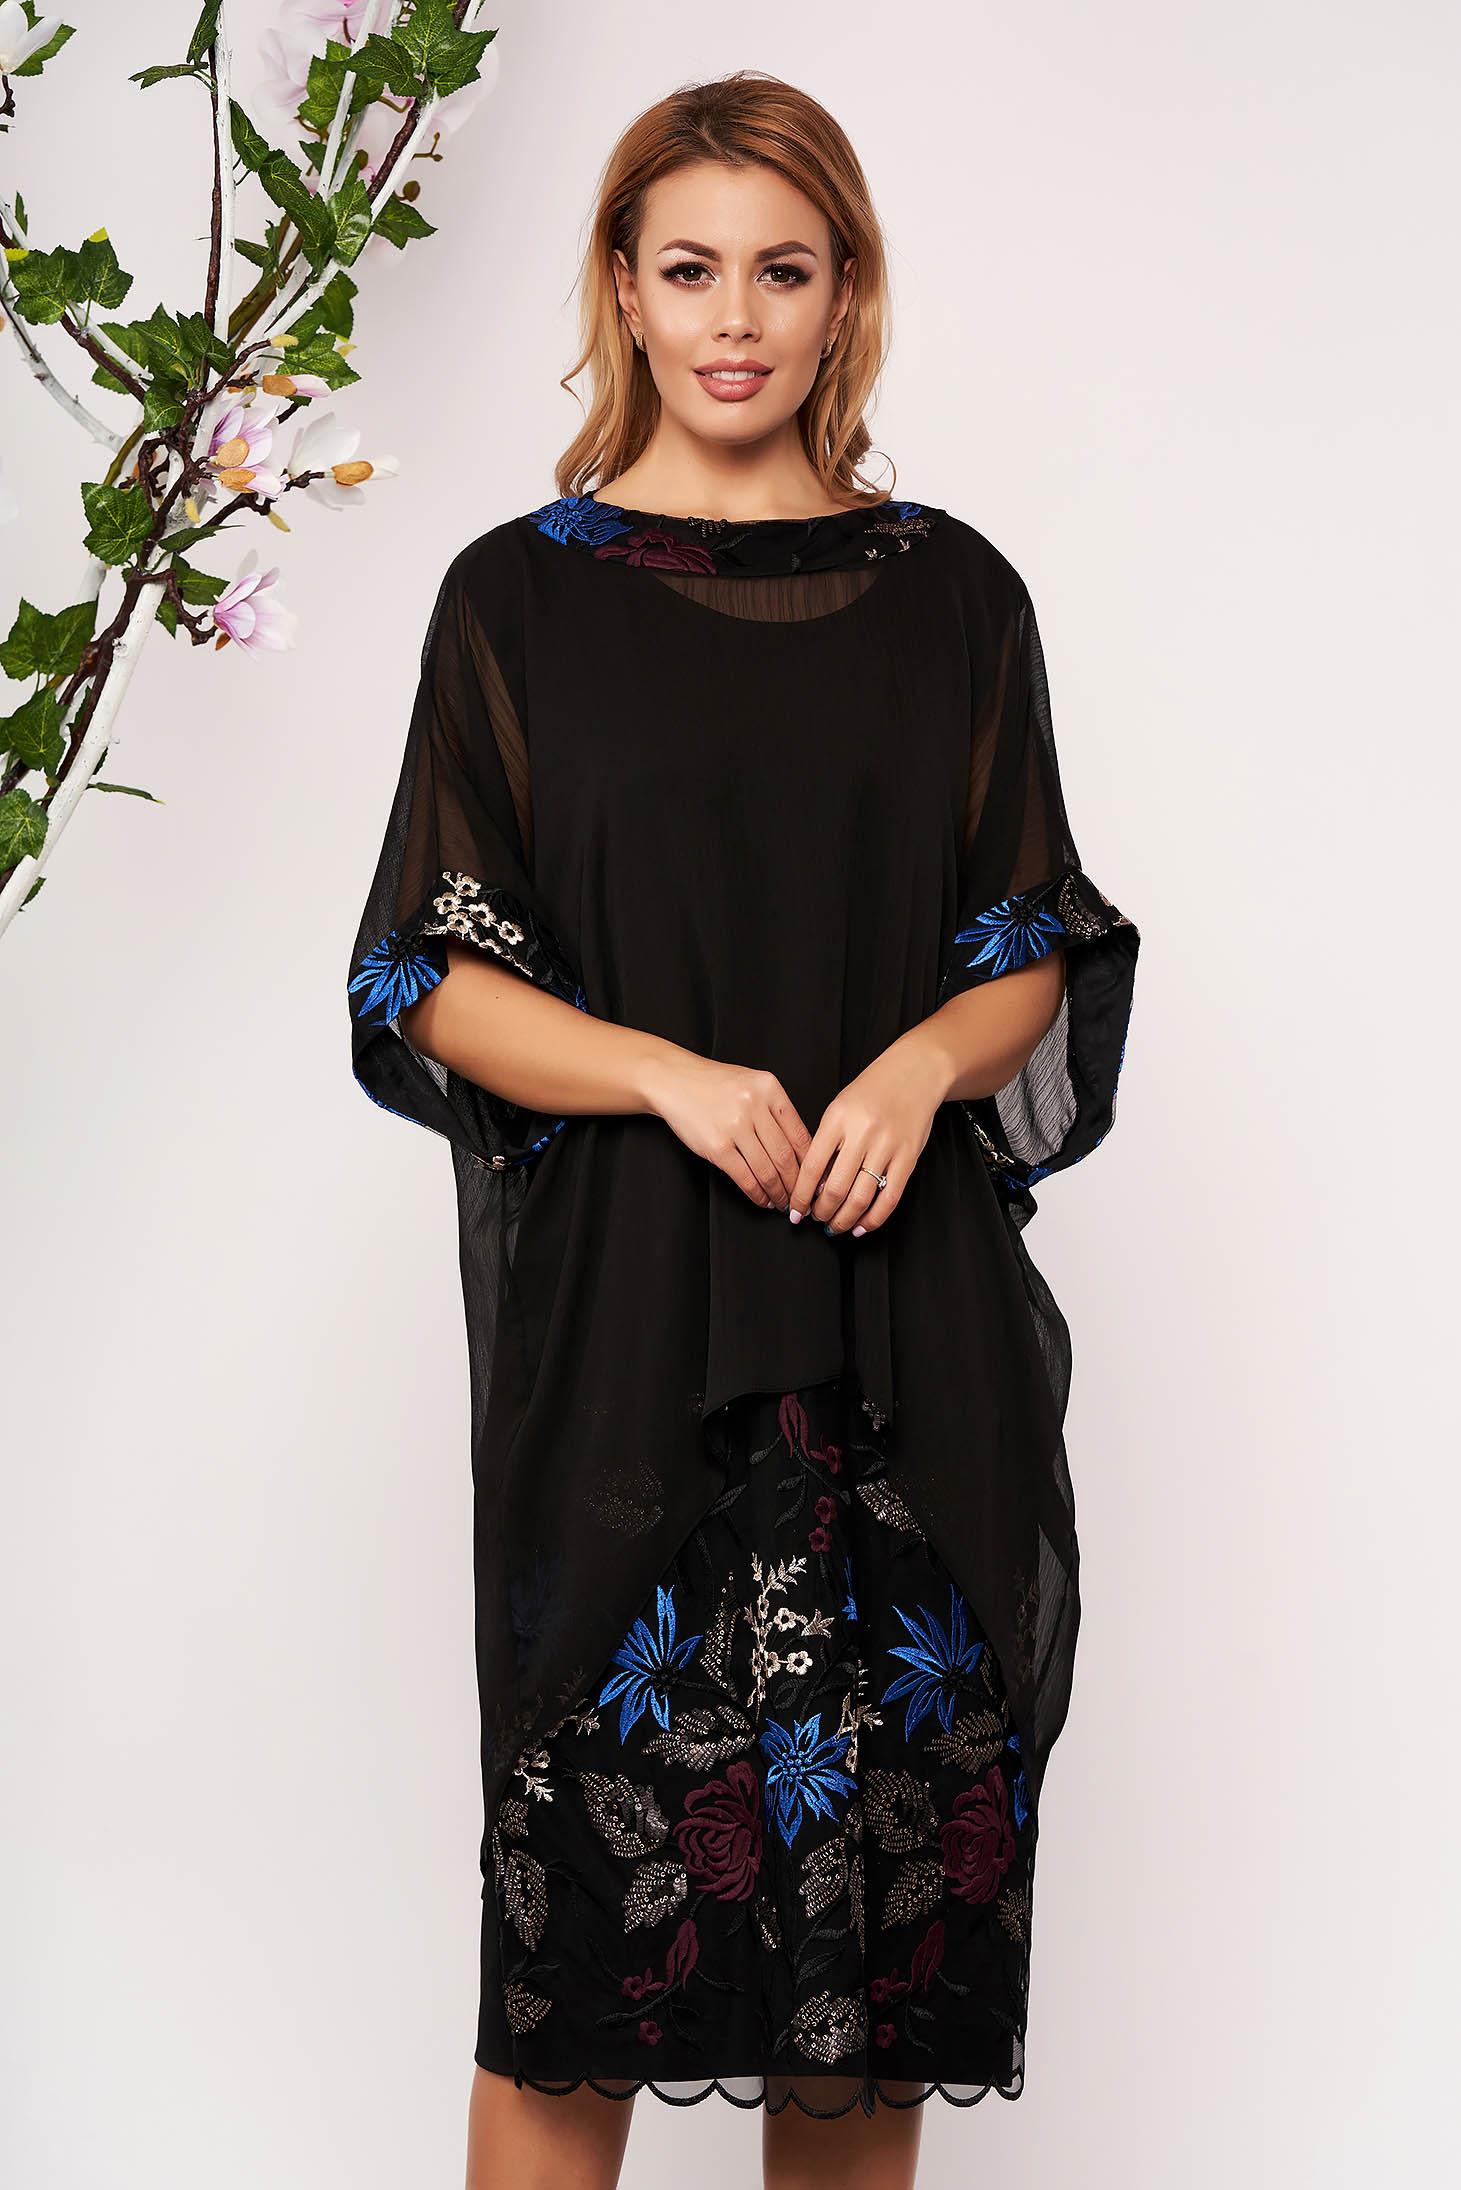 Compleu negru elegant cu rochie cu un croi drept cu insertii de broderie si suprapunere cu voal